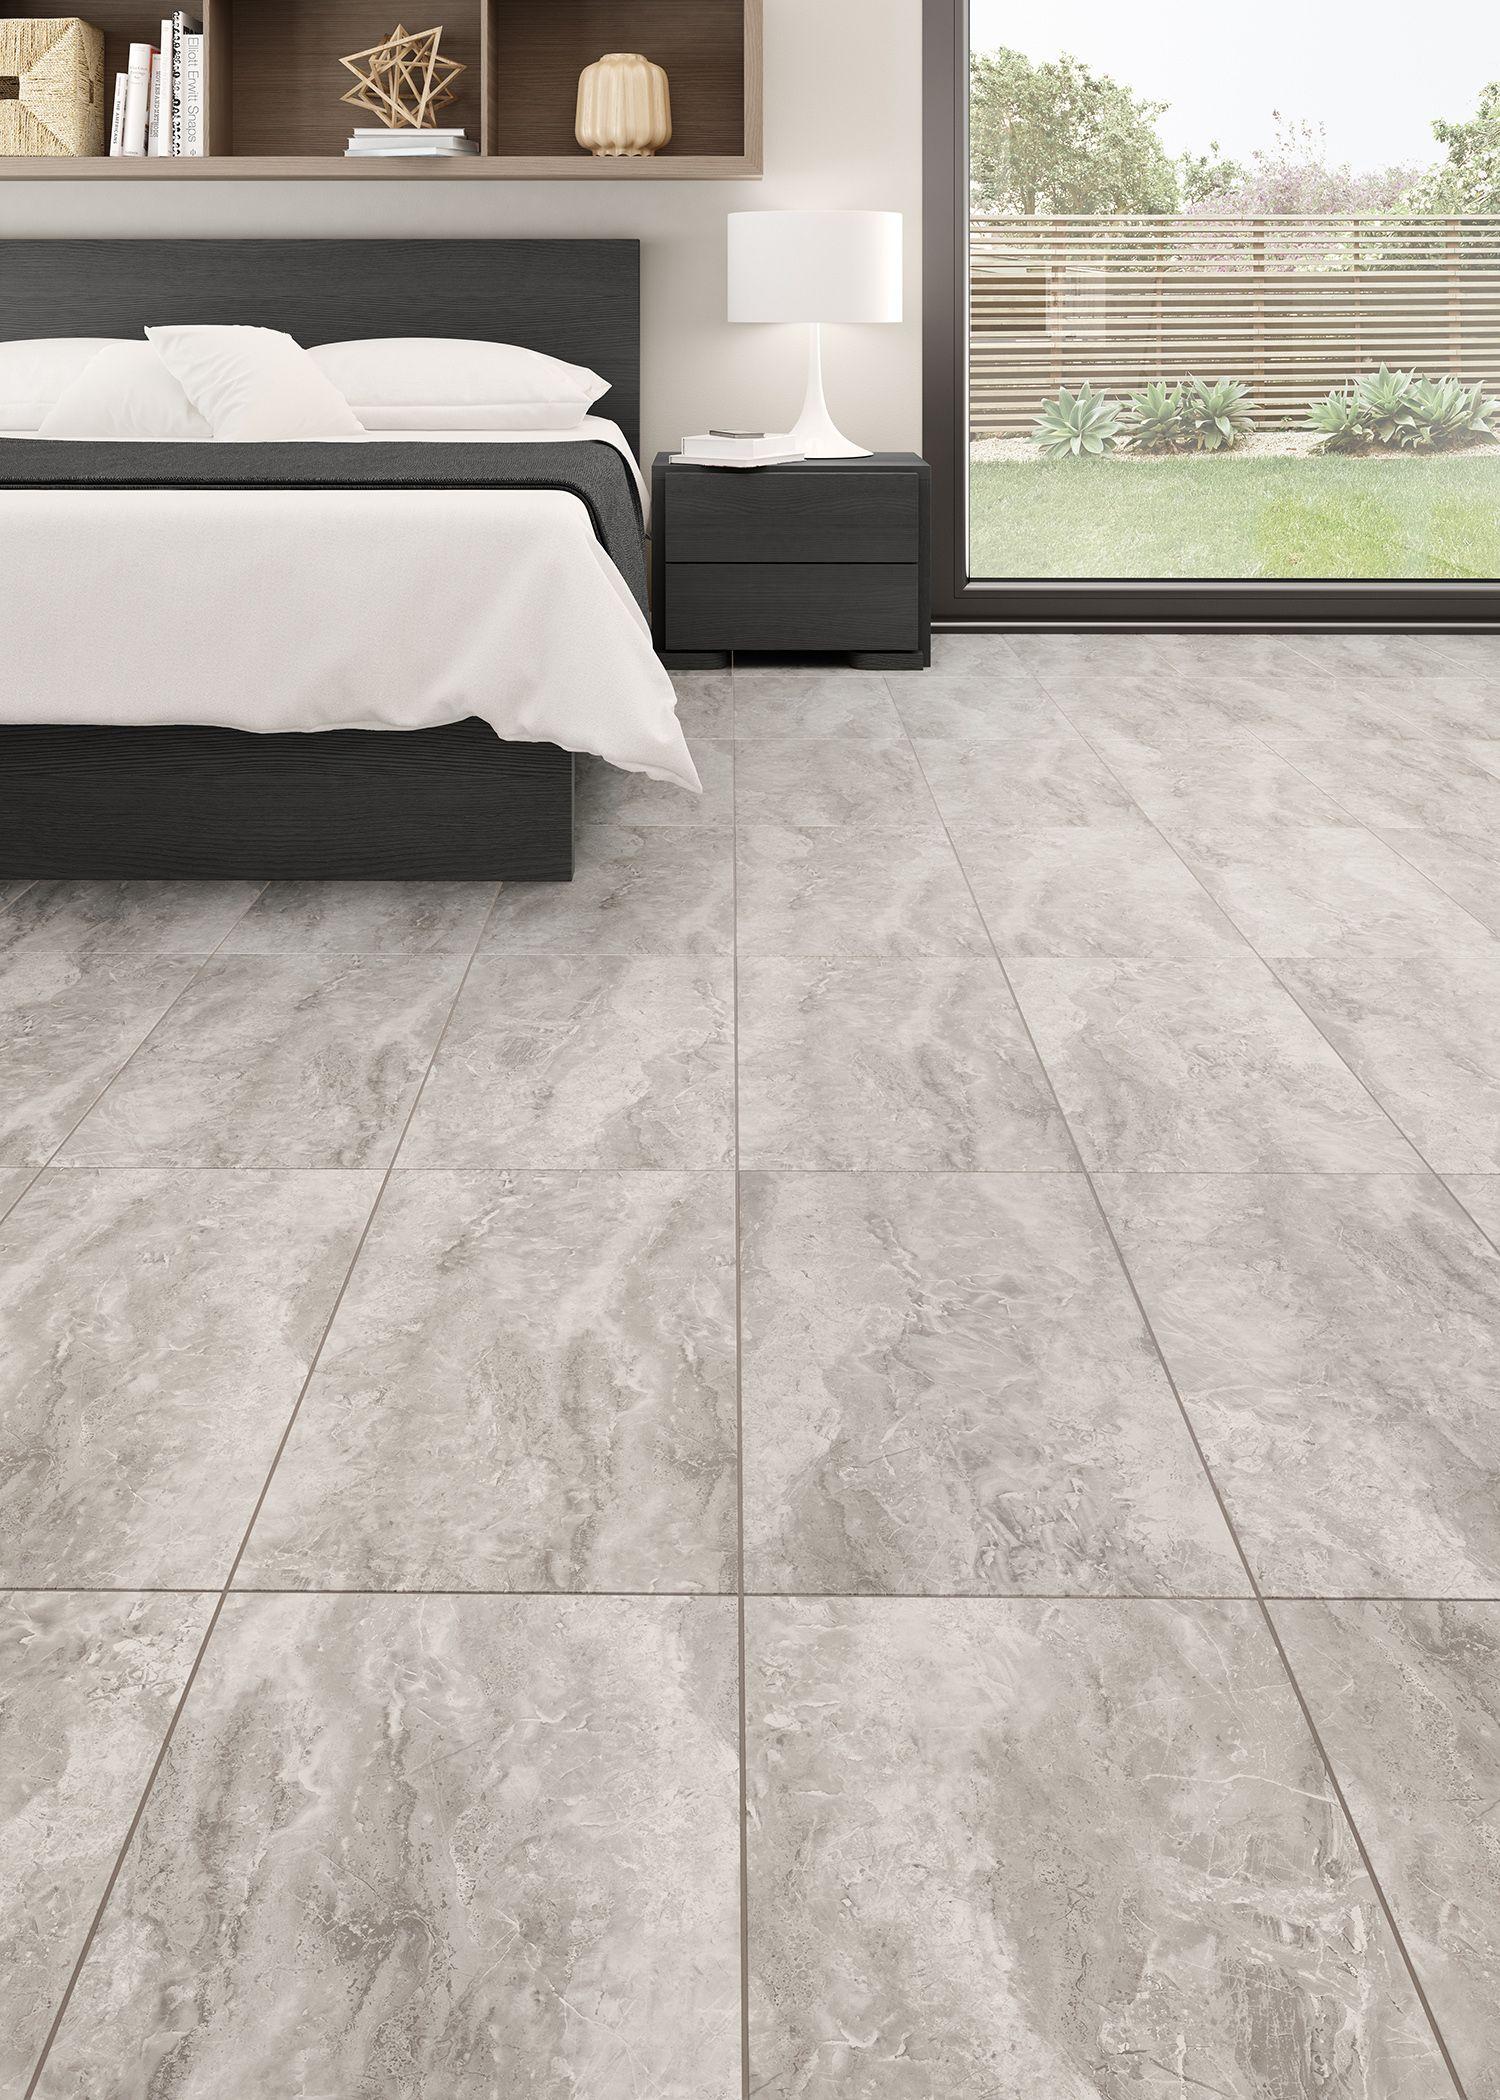 Ultraceramic Ceramic Look Lvt Vinyl Flooring Bedroom Flooring Spa Marble Flooring Vinyl Flooring Residential Flooring